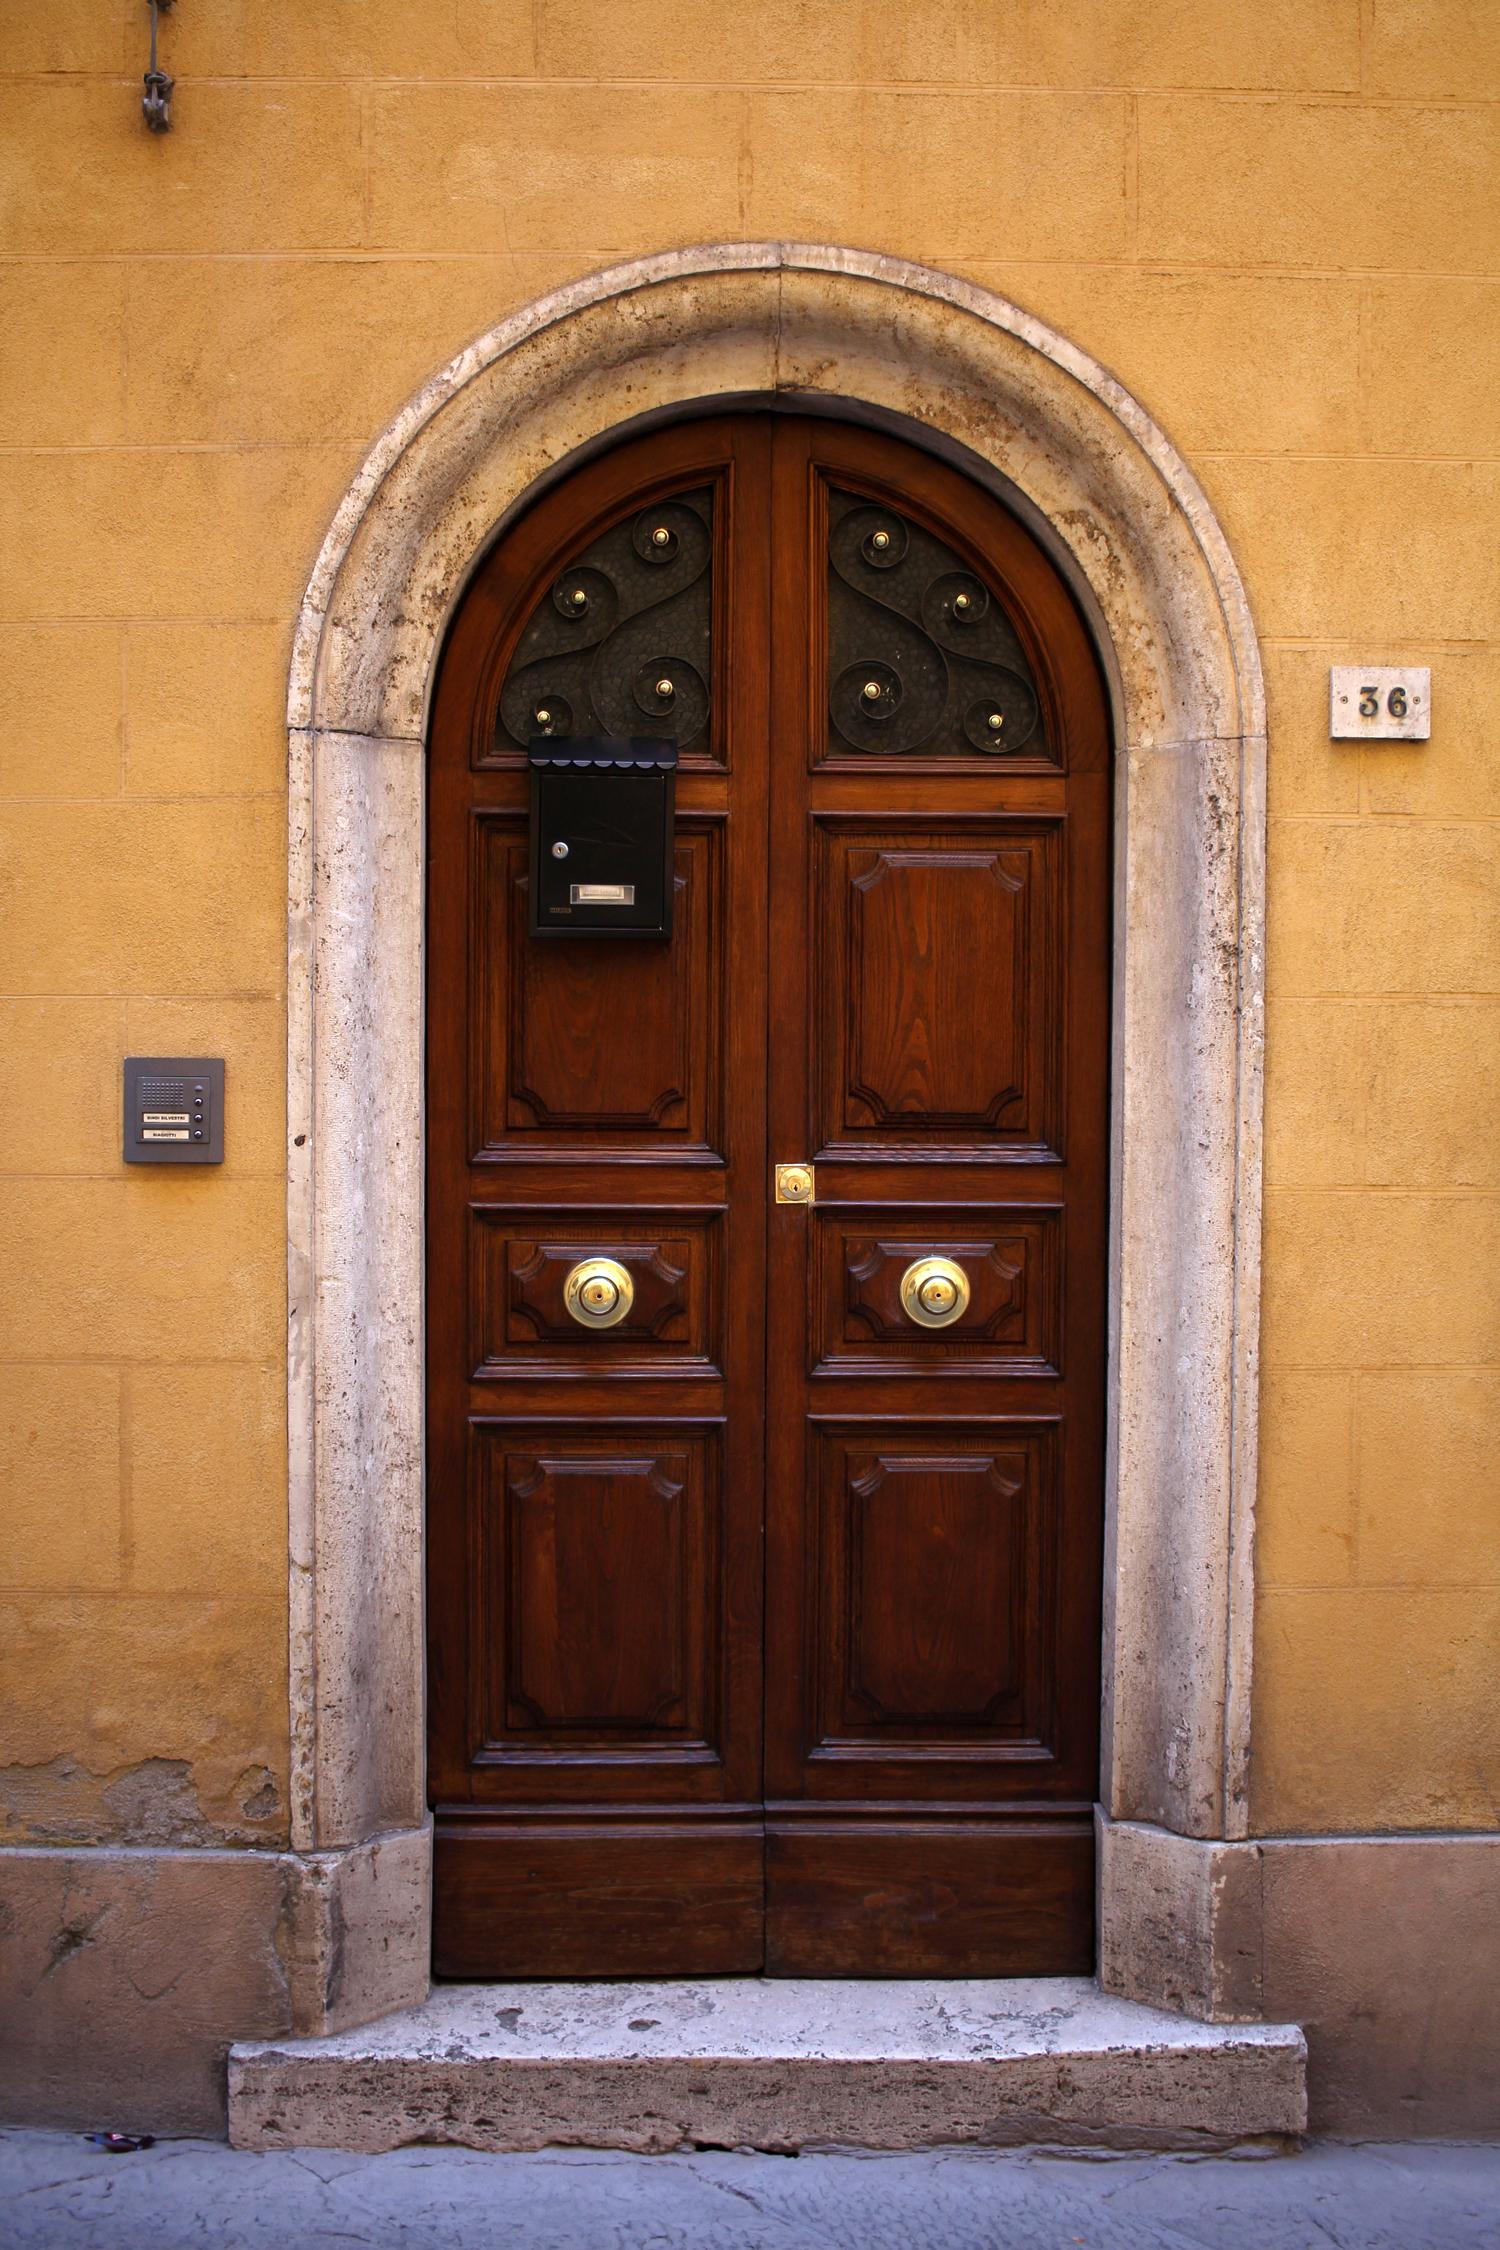 tuscany-italy-montepulciano-travel-blogger-9